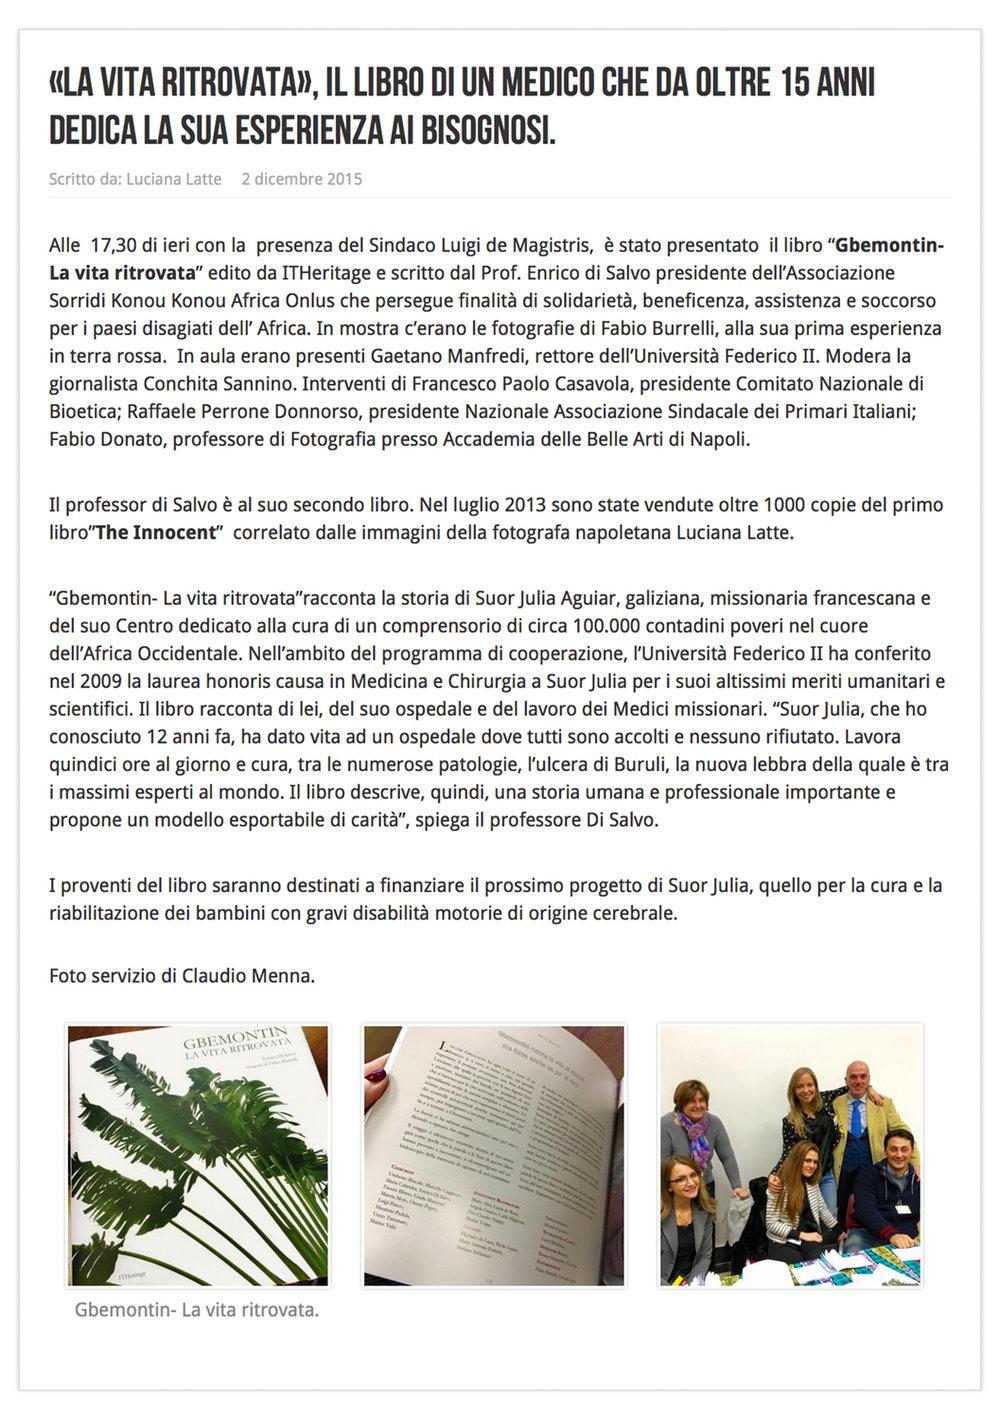 Gbemontin - Back again to life  http://www.linkazzato.it/la-vita-ritrovata-il-libro-di-un-medico-che-da-oltre-15-anni-dedica-la-sua-esperienza-ai-bisognosi/